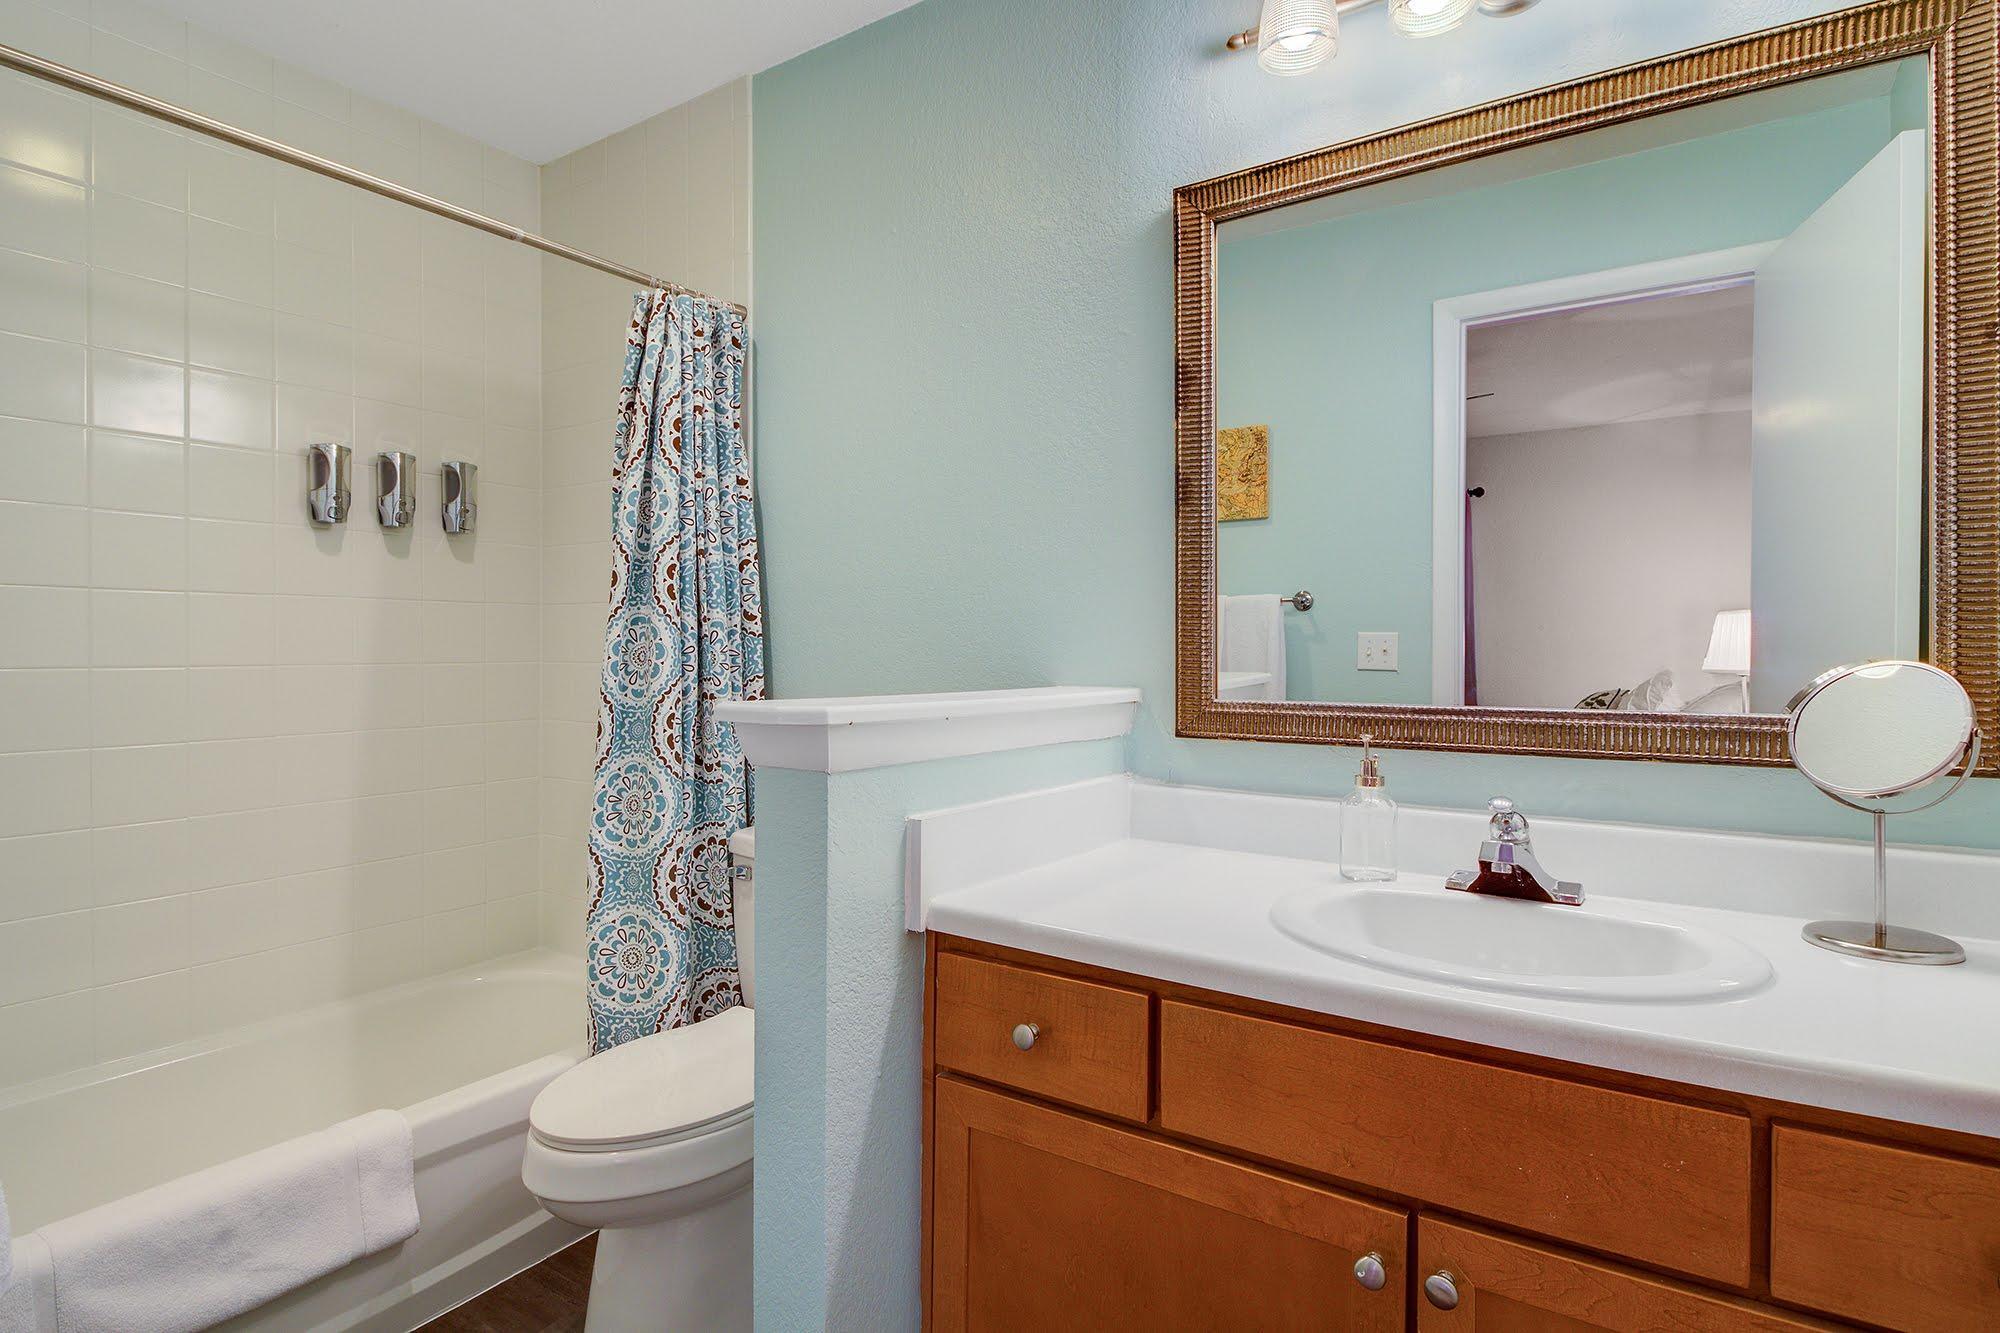 East Bridge Town Lofts Homes For Sale - 273 Alexandra, Mount Pleasant, SC - 10